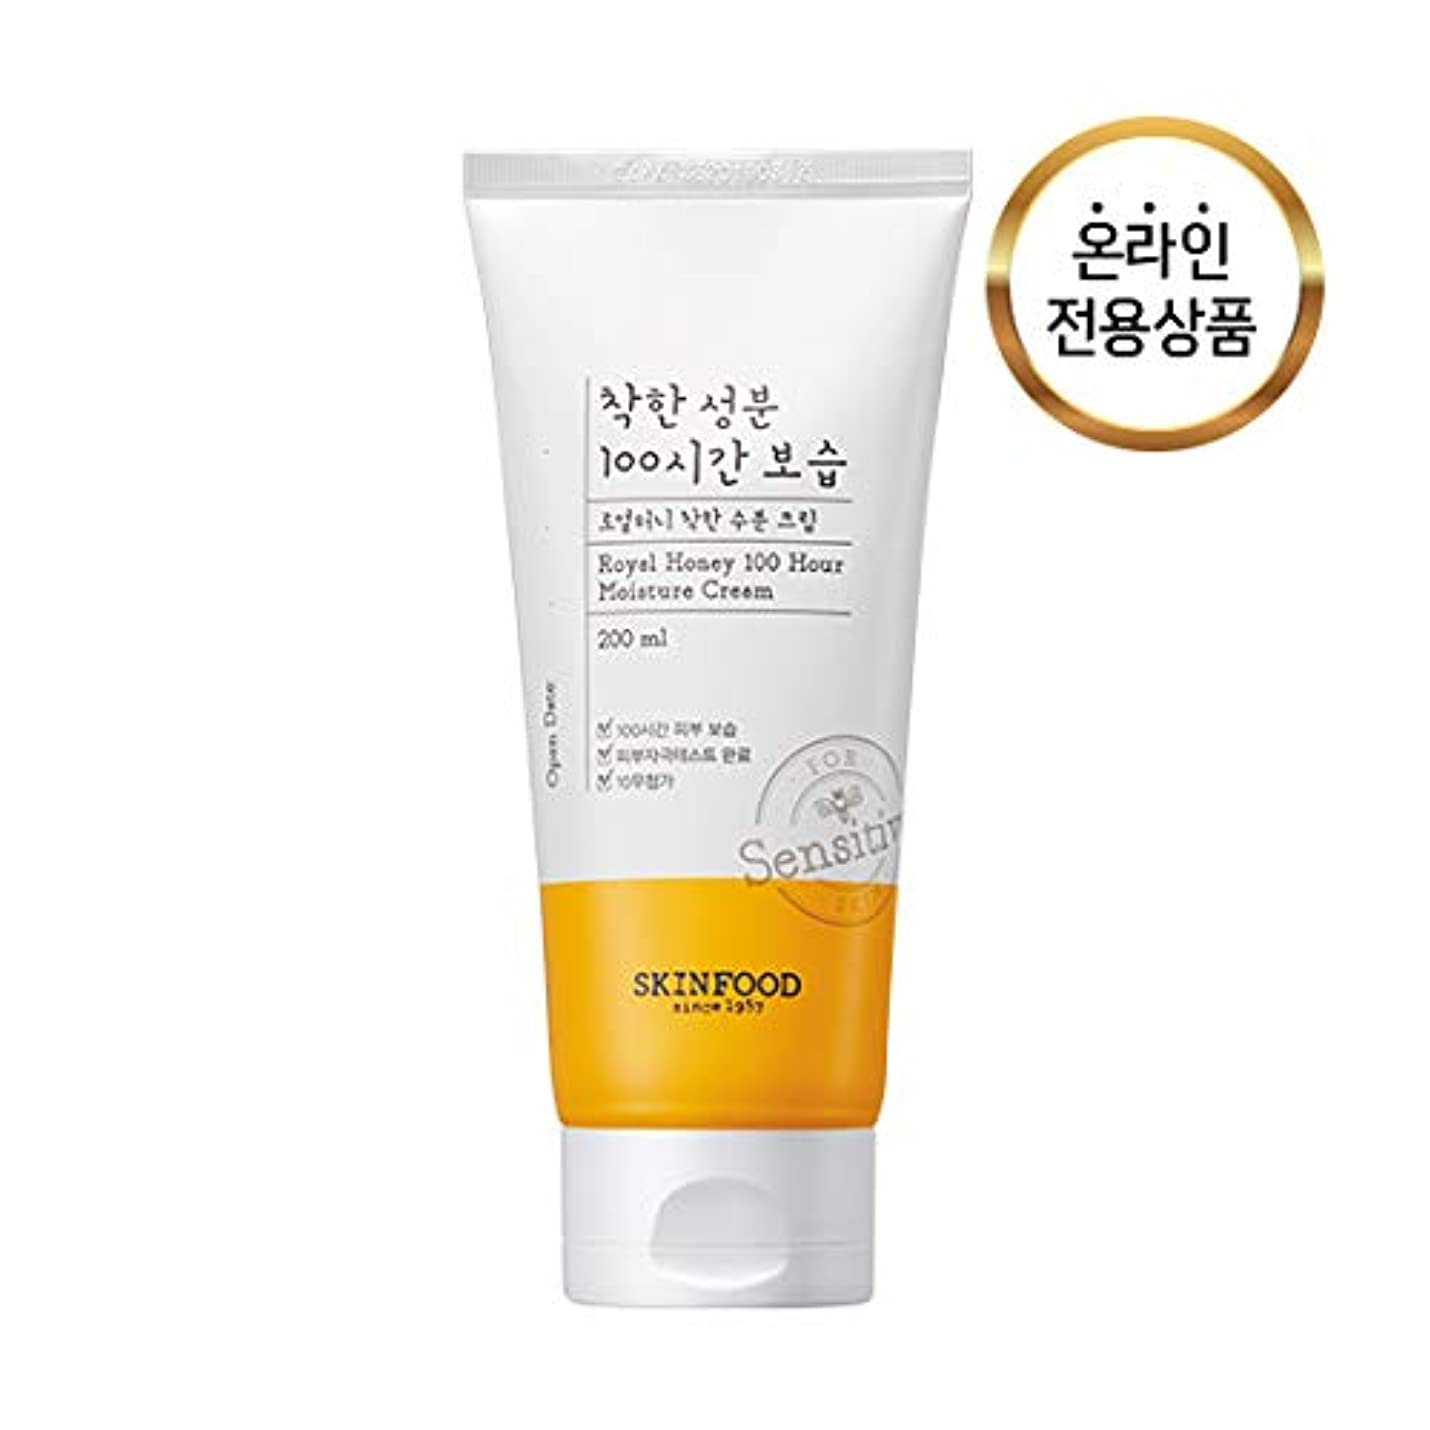 儀式輪郭儀式Skinfood ロイヤルハニー100時間モイスチャークリーム / Royal Honey 100 Hour Moisture Cream 200ml [並行輸入品]